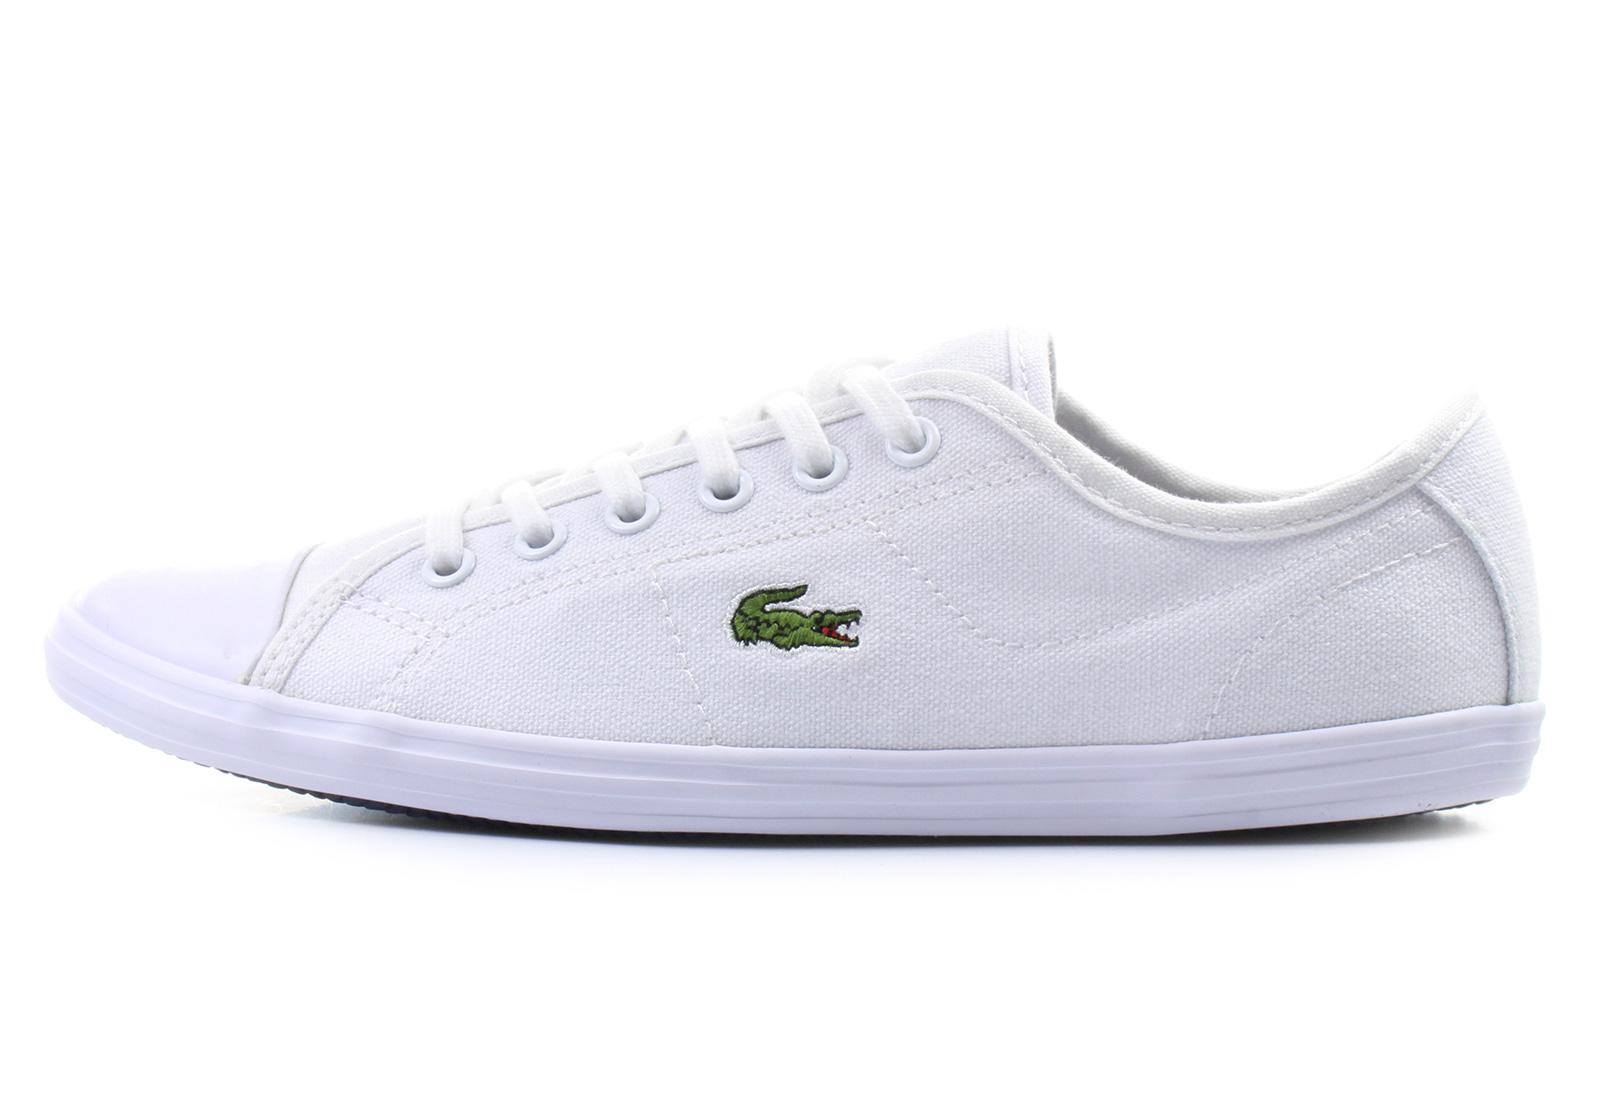 lacoste sneakers ziane sneaker canvas 151spw114621g